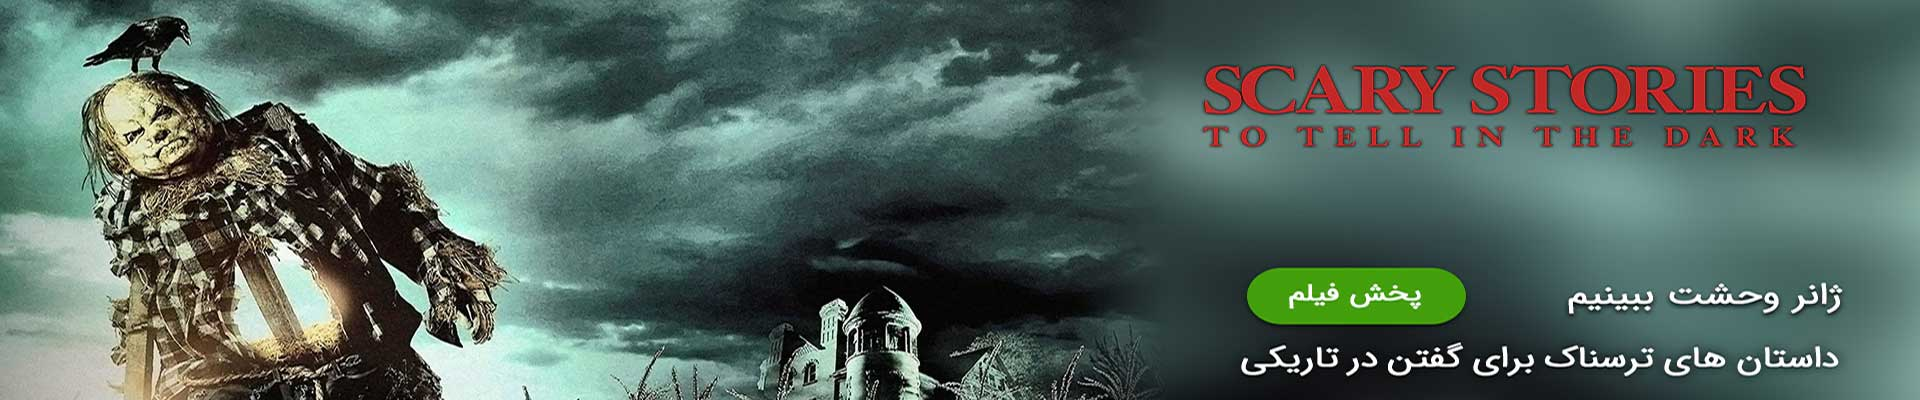 داستان هایی برای گفتن در تاریکی